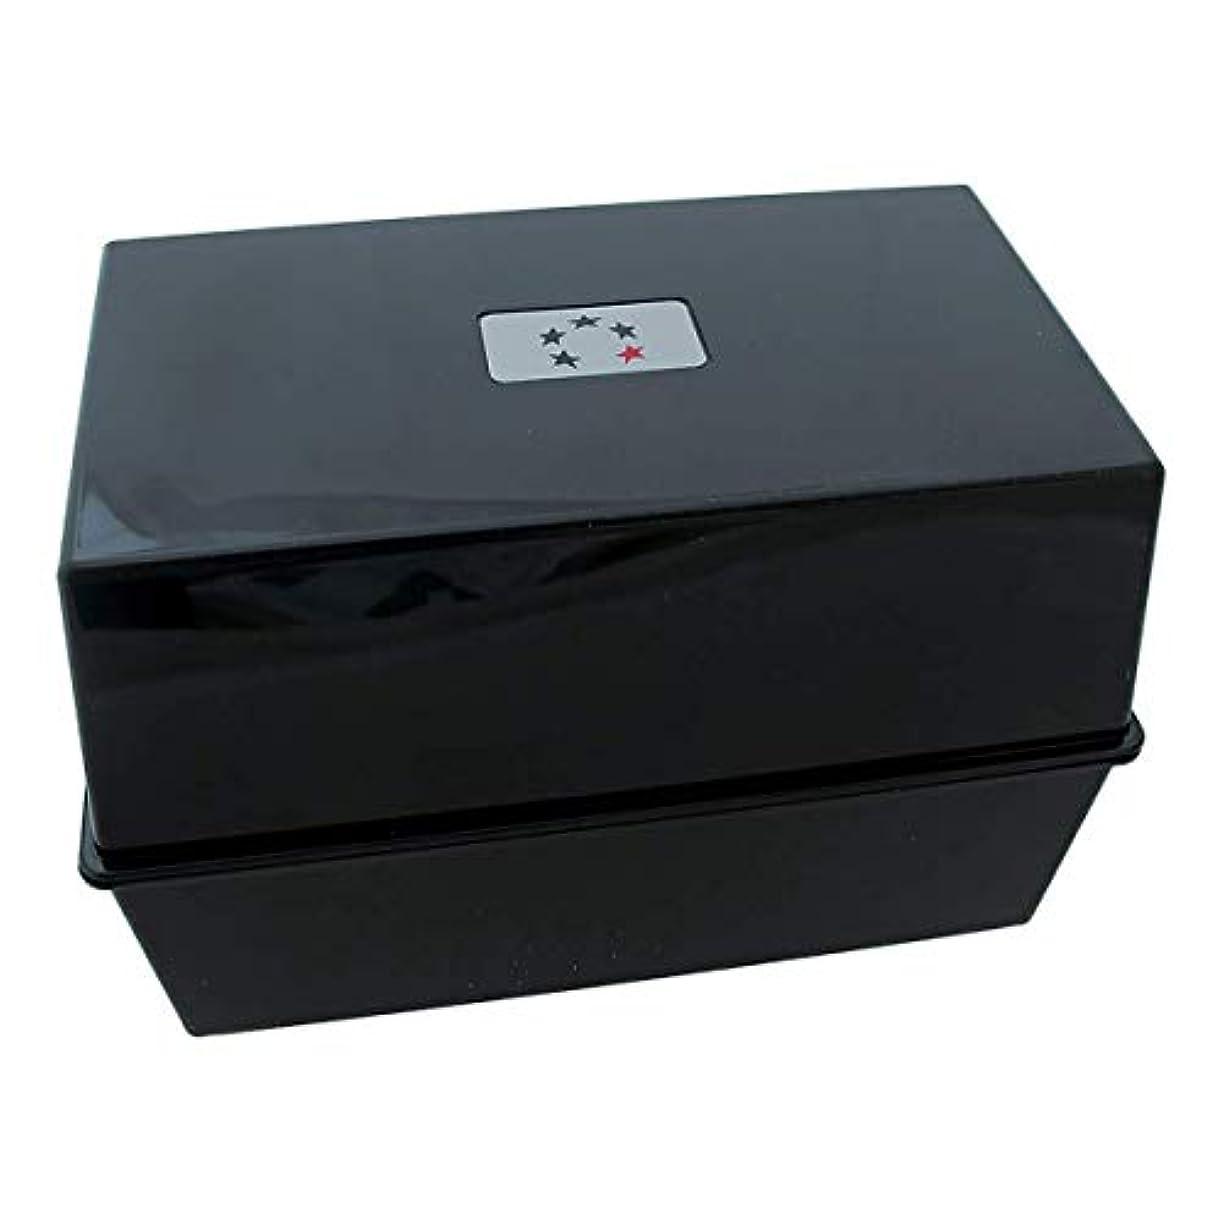 波儀式プーノアジェンダ サロンコンセプト カードインデックスボックスブラック(A-Zカード含む)[海外直送品] [並行輸入品]